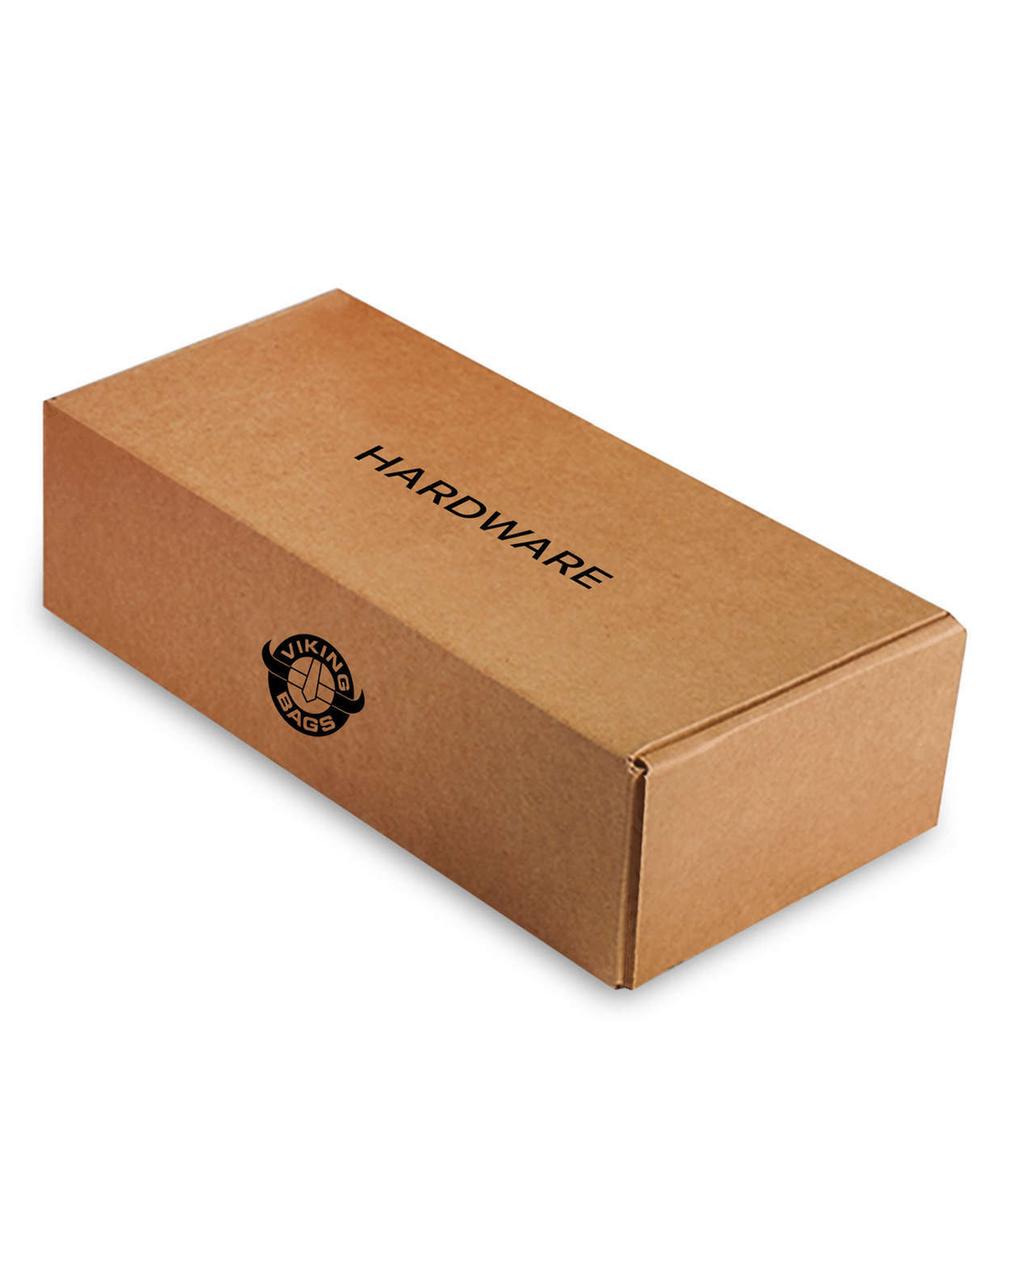 Honda VTX 1300 C Large Warrior Motorcycle Saddlebags Hardware Box